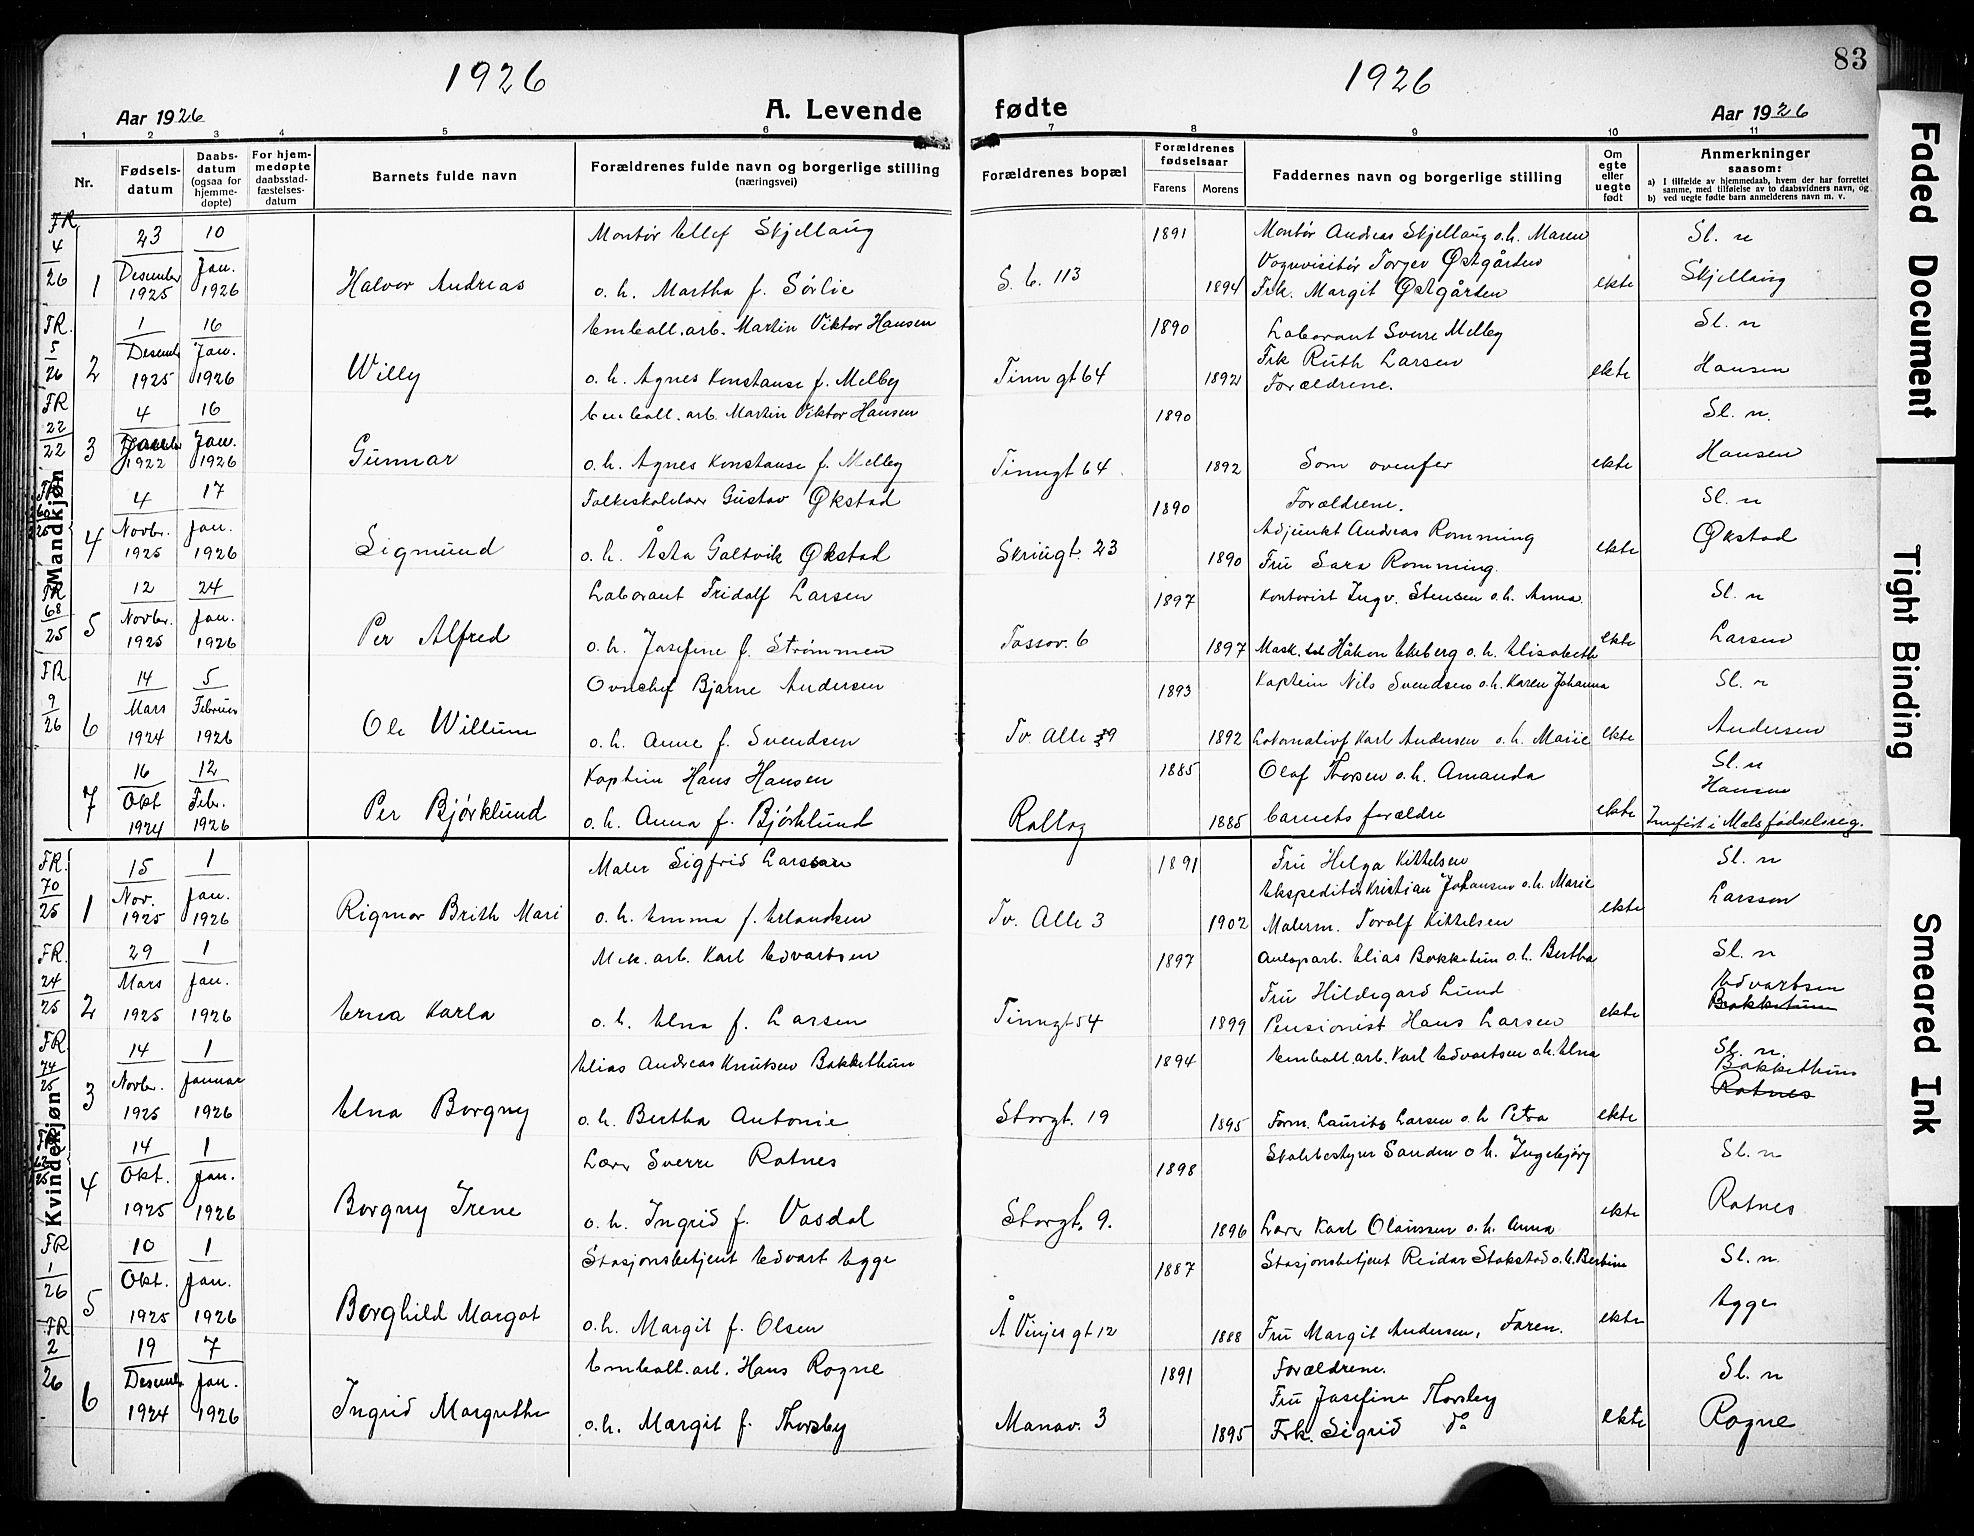 SAKO, Rjukan kirkebøker, G/Ga/L0003: Klokkerbok nr. 3, 1920-1928, s. 83